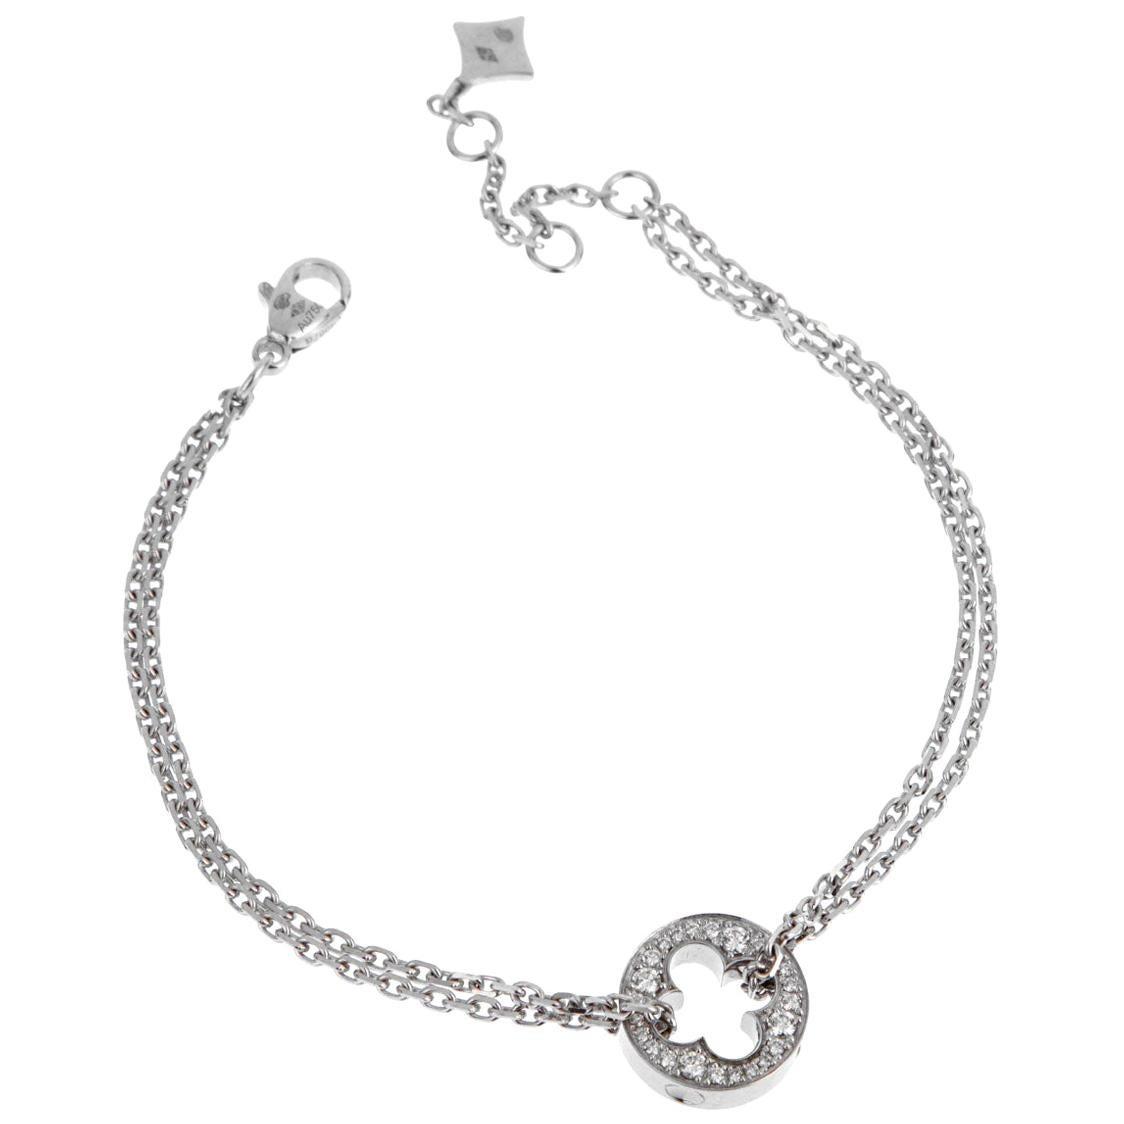 Louis Vuitton Empreinte Diamond White Gold Bracelet